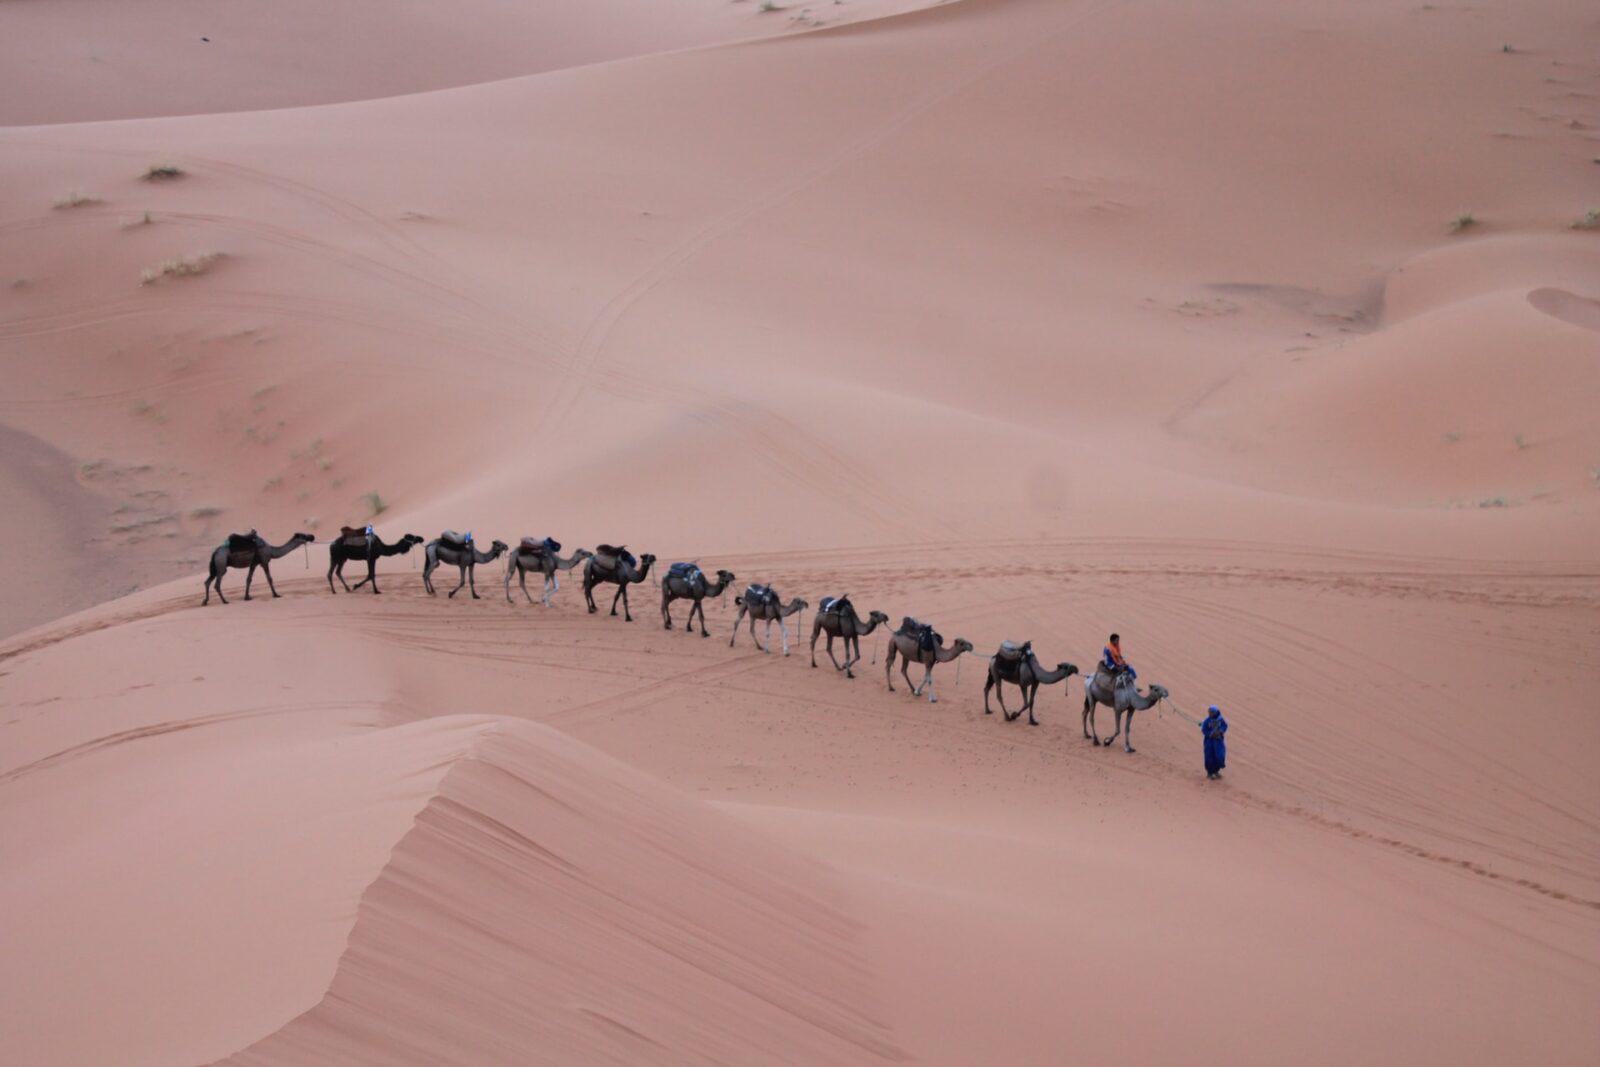 andrea cappiello nAmAYm1h Zo unsplash 1536x1024 - Guide Morocco Tours